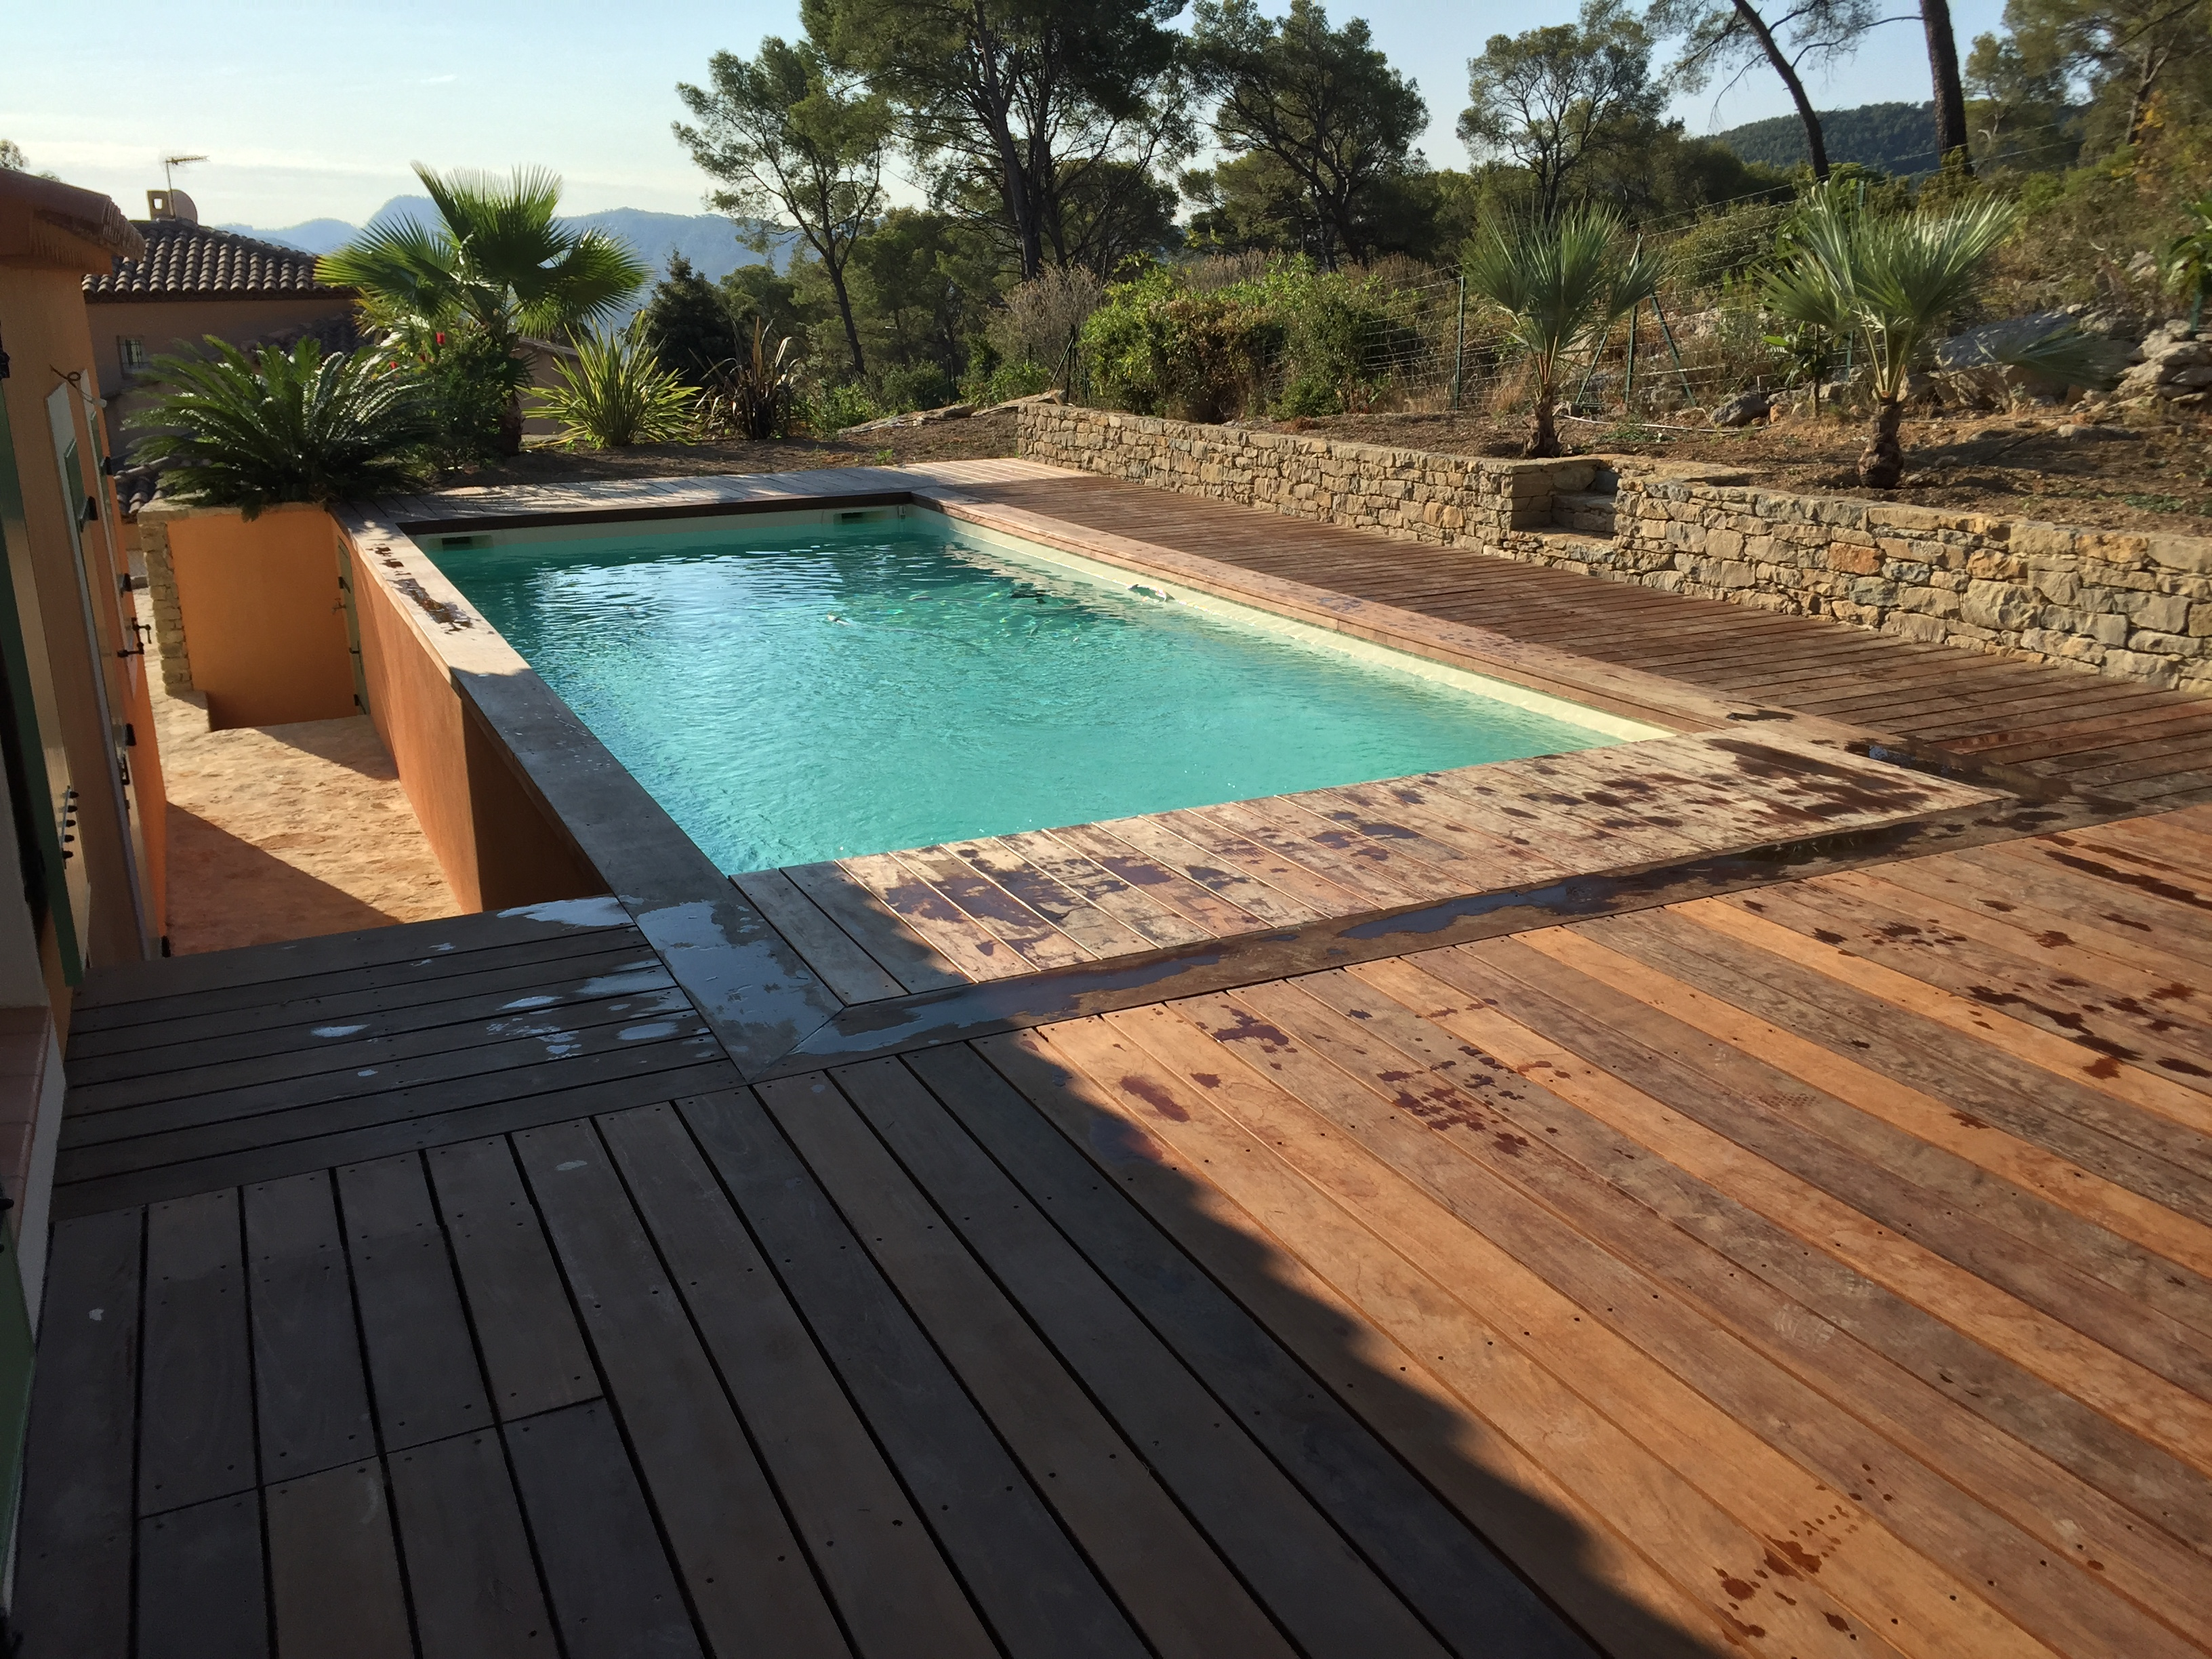 La construction de piscines prêtes à plonger